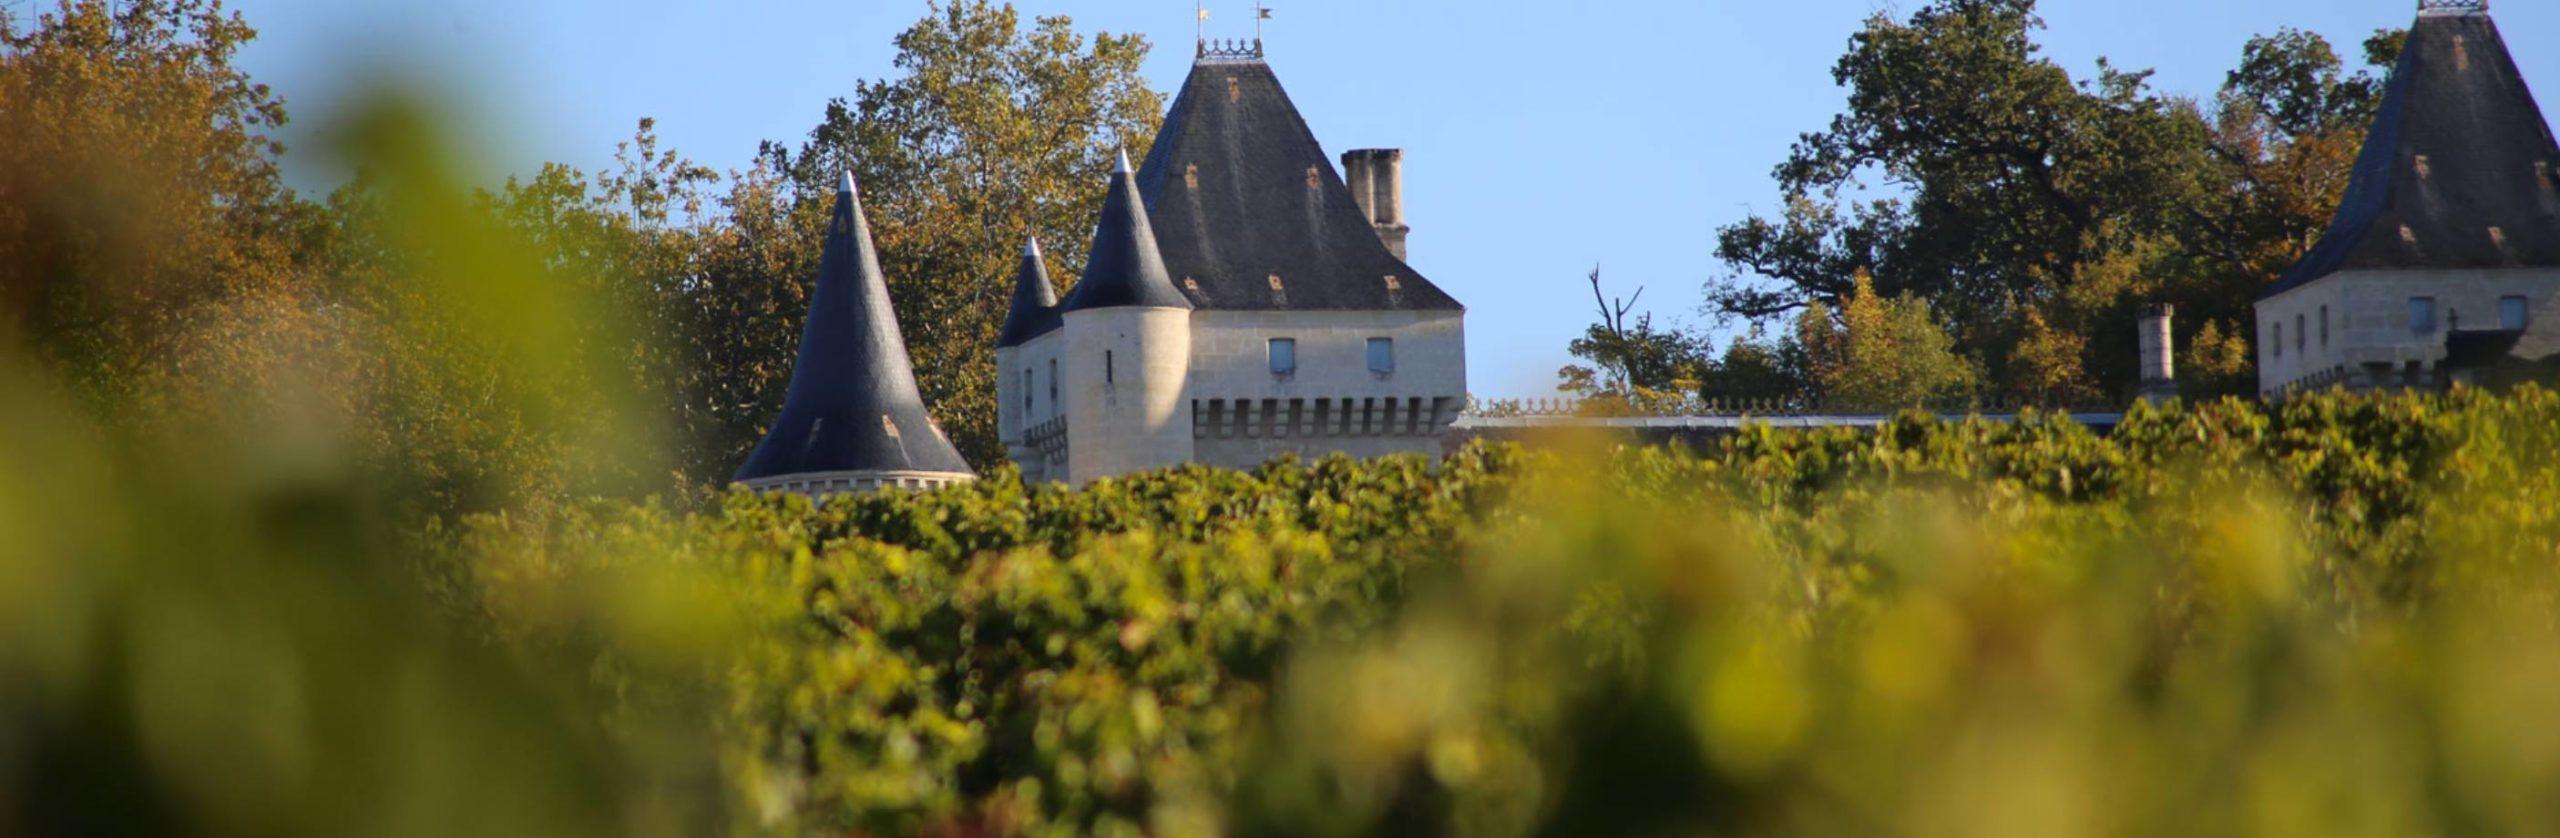 Château de La Rivière 2016